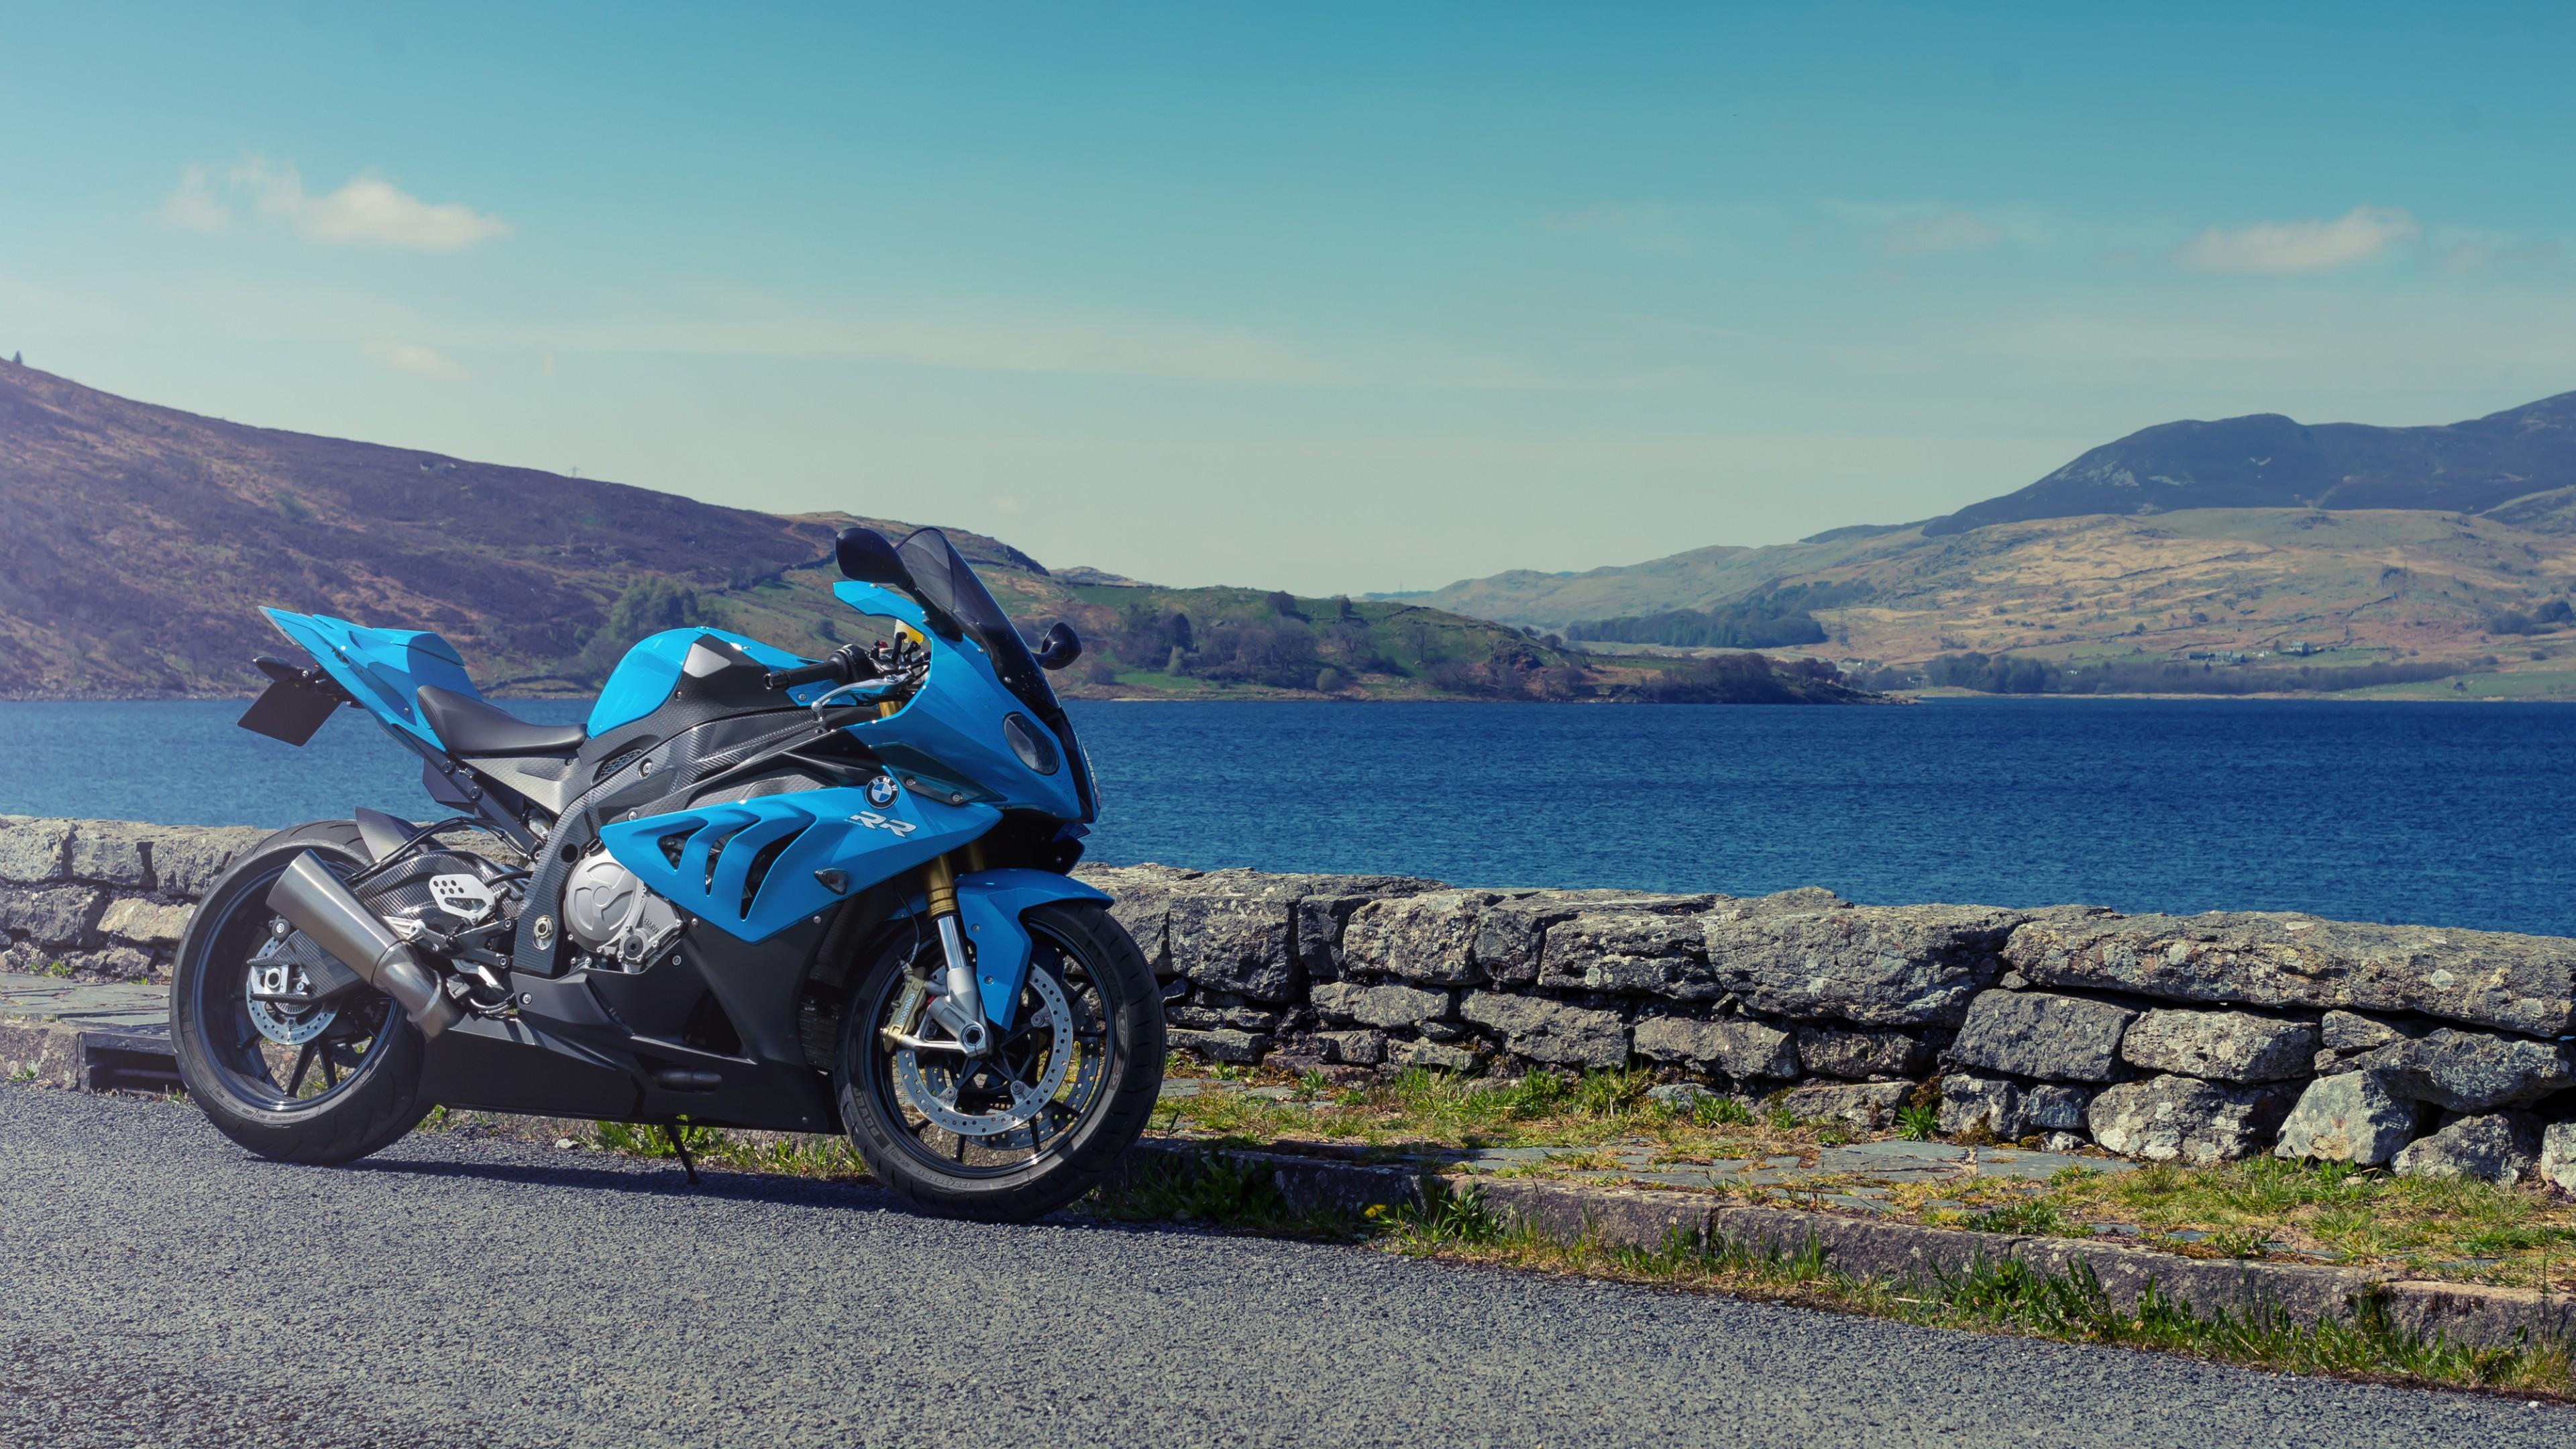 Спортивный голубой мотоцикл на фоне зеленых холмов и синего озера